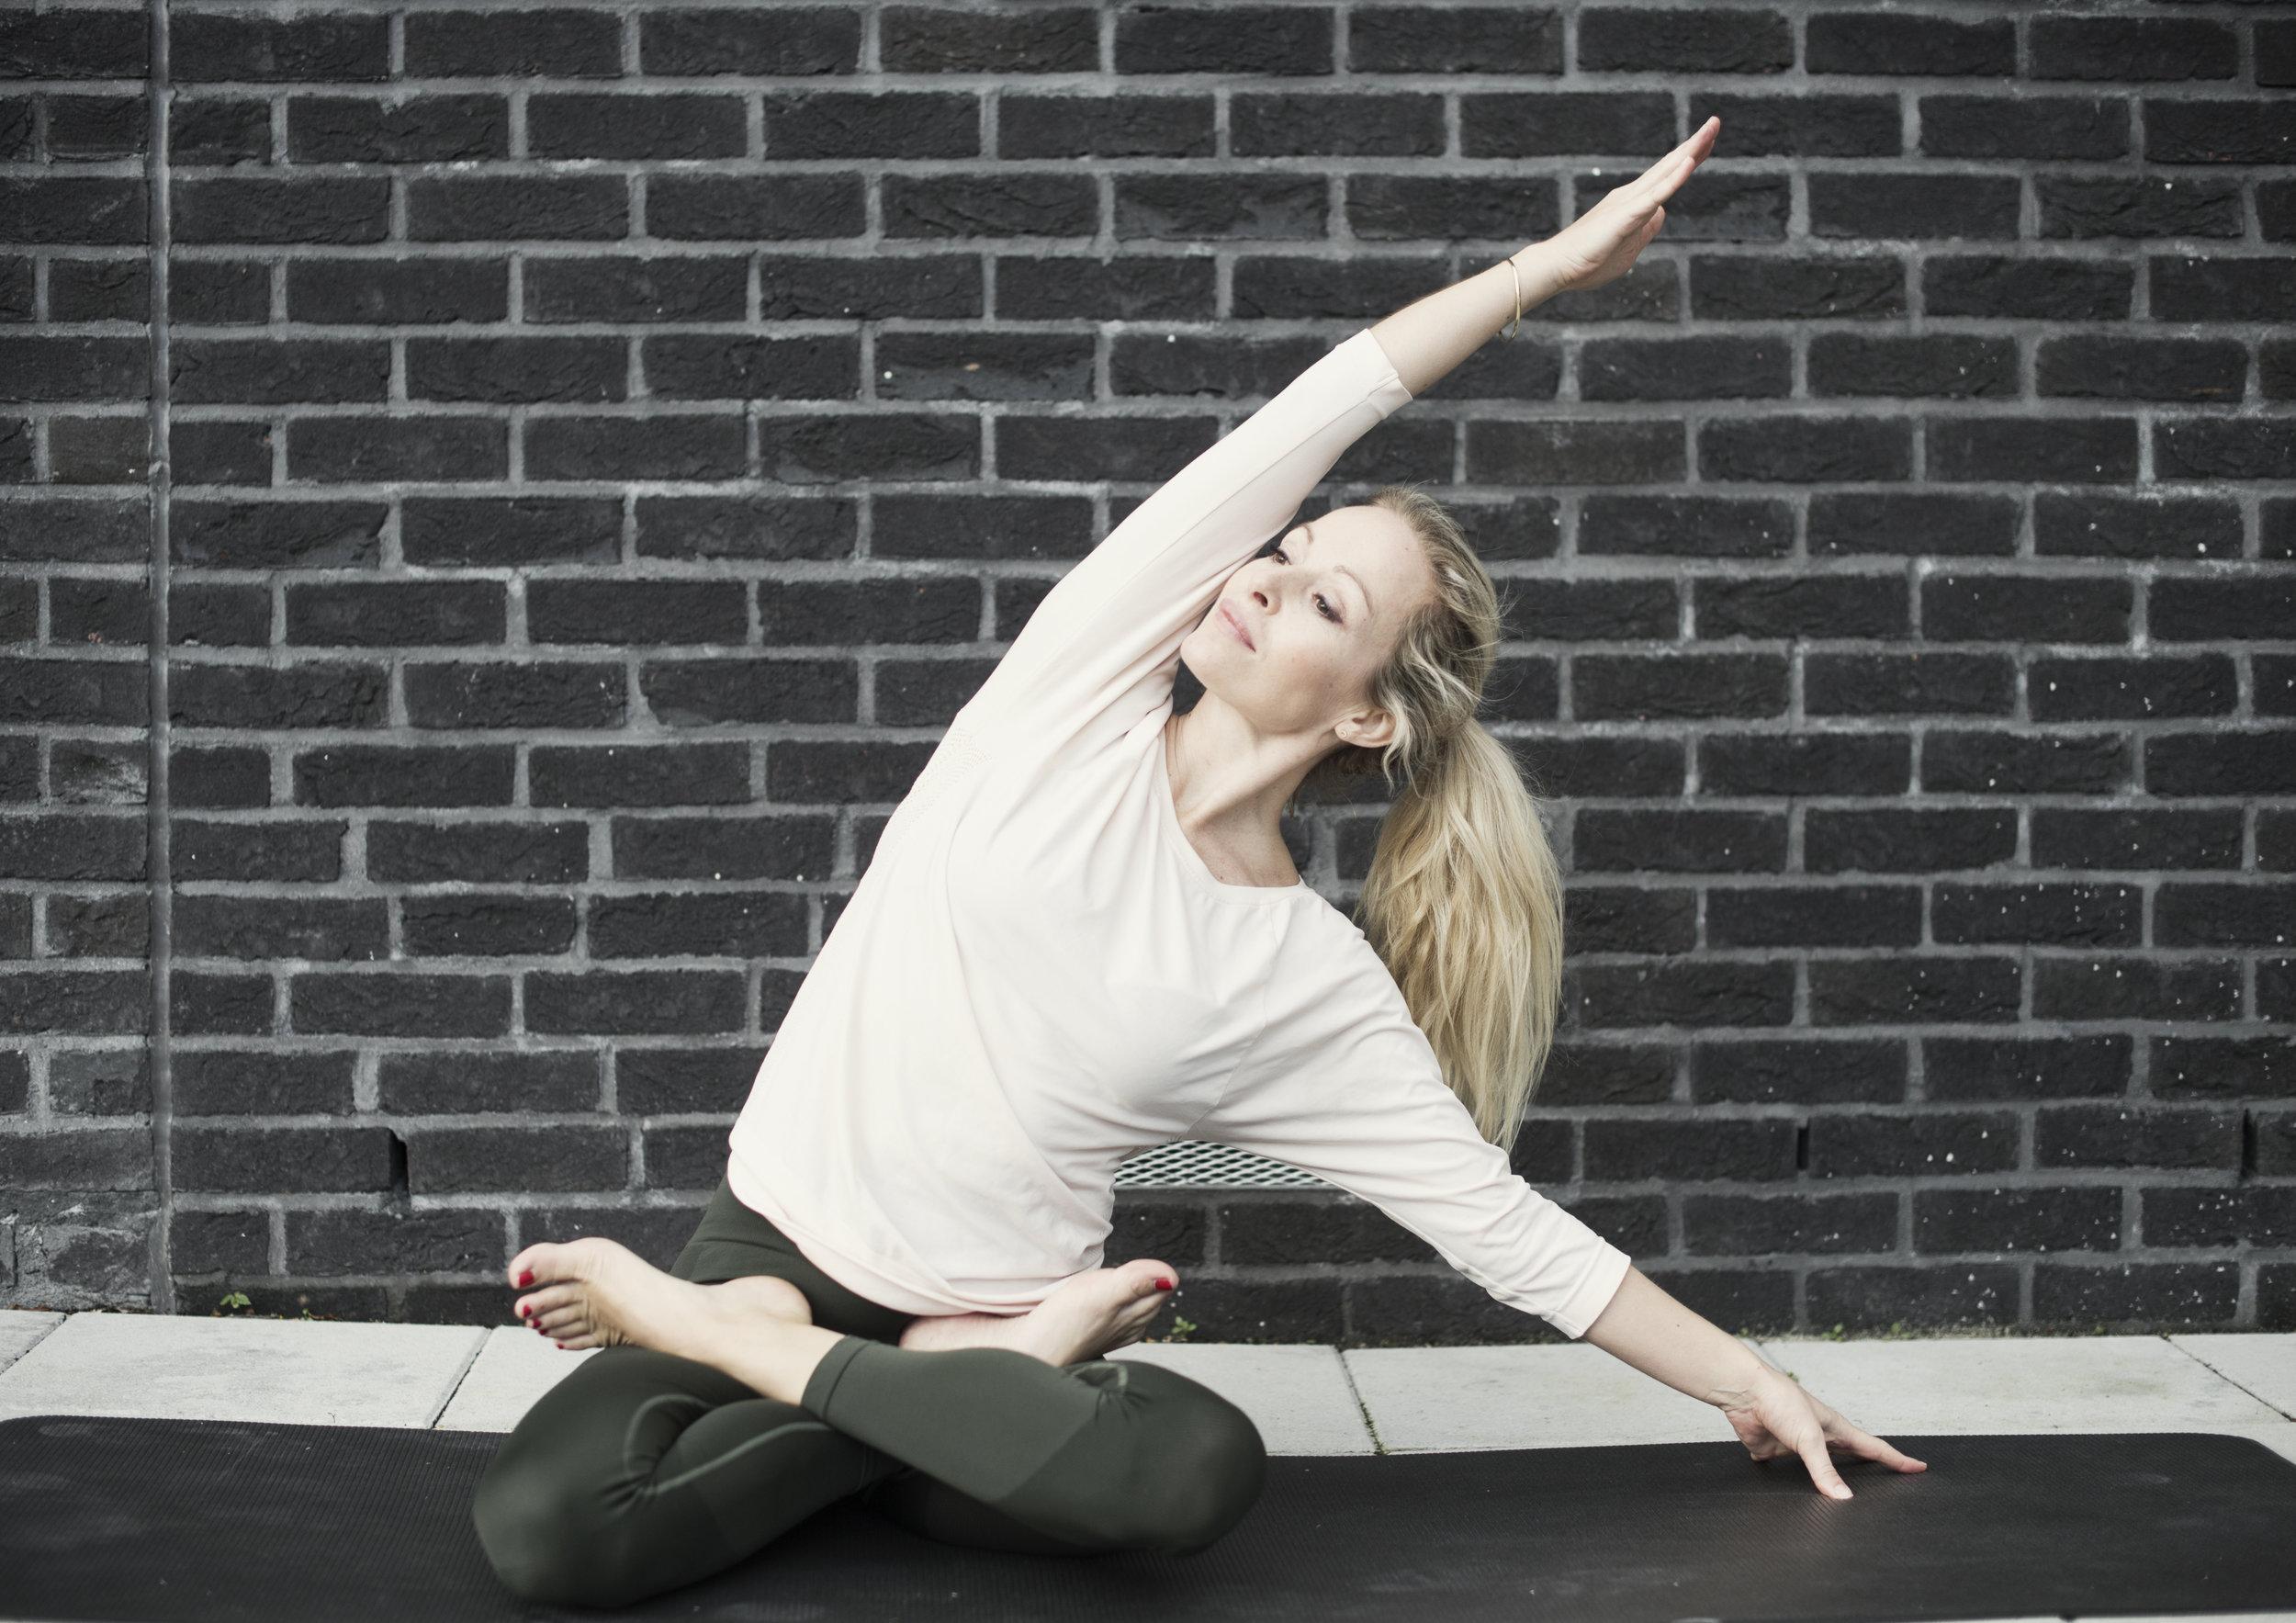 Naken yoga oslo